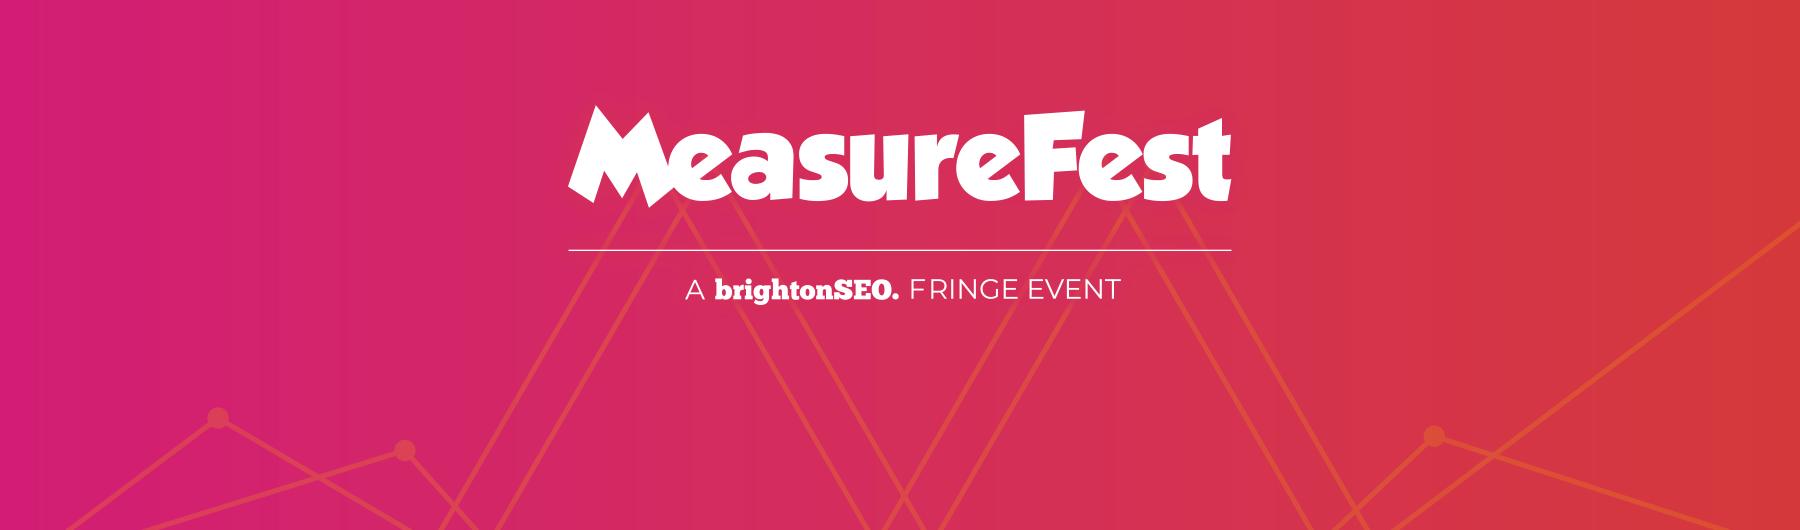 Measurefest September 2019